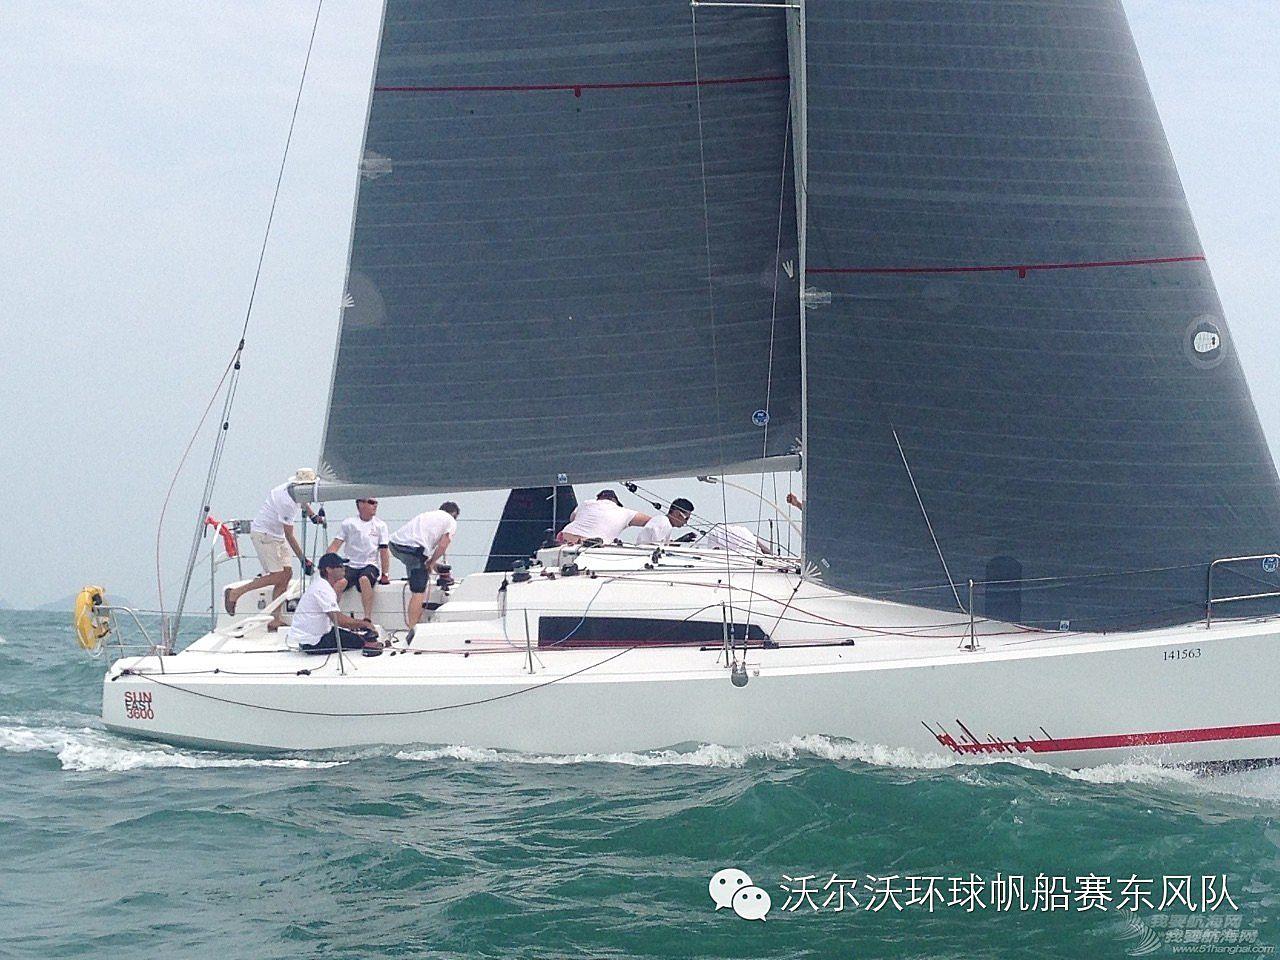 中国船员,沃尔沃,落下帷幕,经销商,去哪儿 #东风队去哪儿了?#亚诺环中国海岸帆船赛不见不散